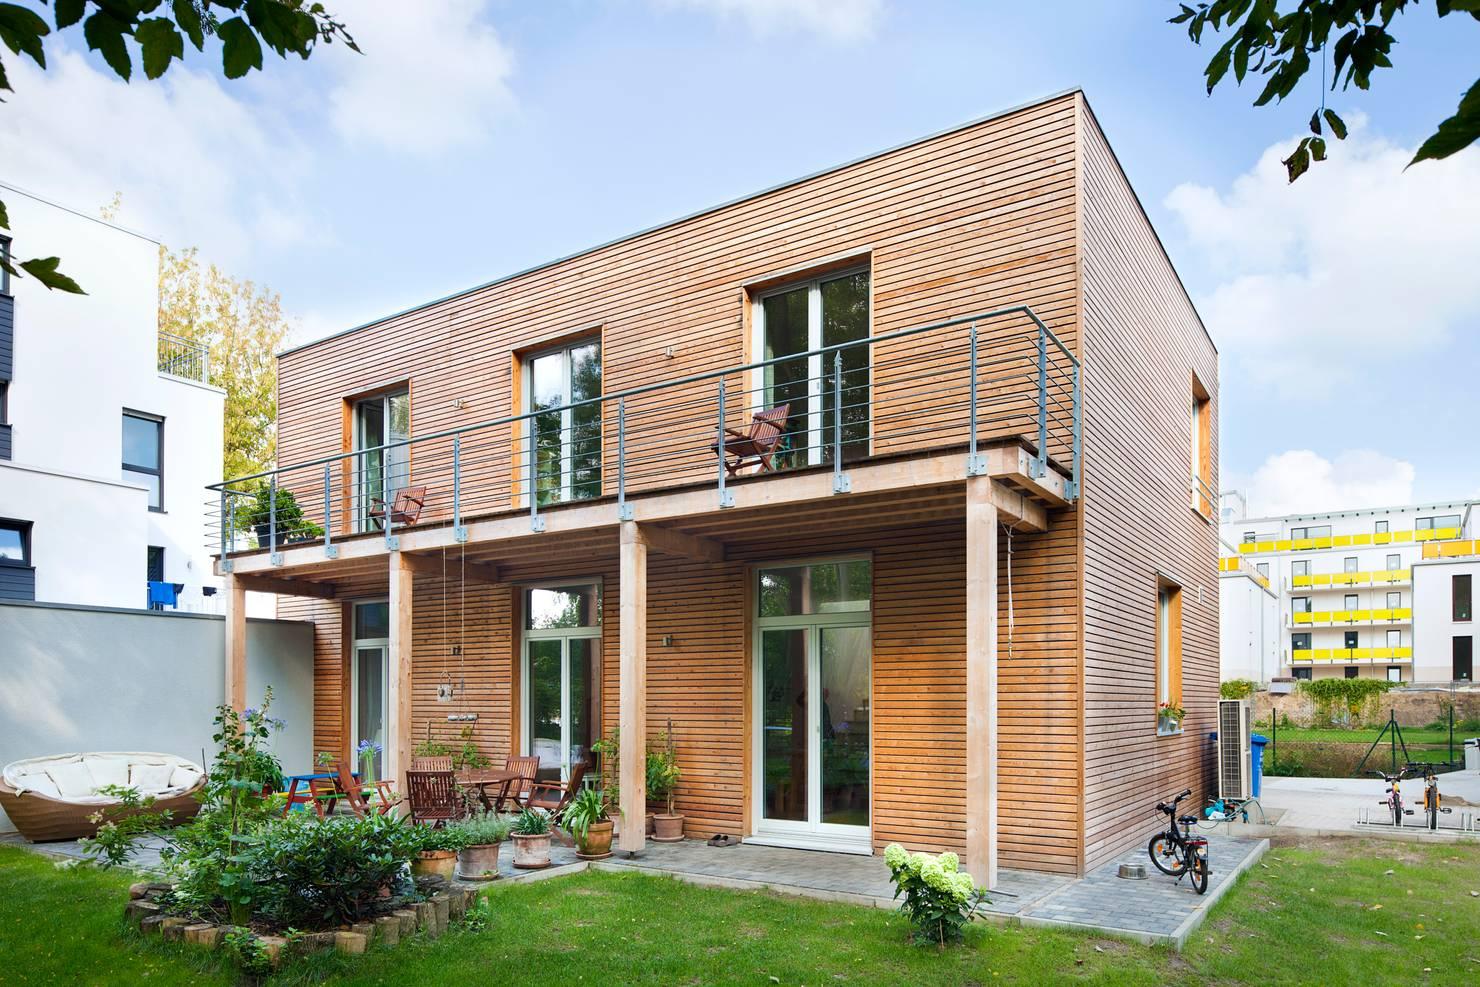 Ahşap kaplama cepheli, modern bir müstakil ev (planlarıyla birlikte!)